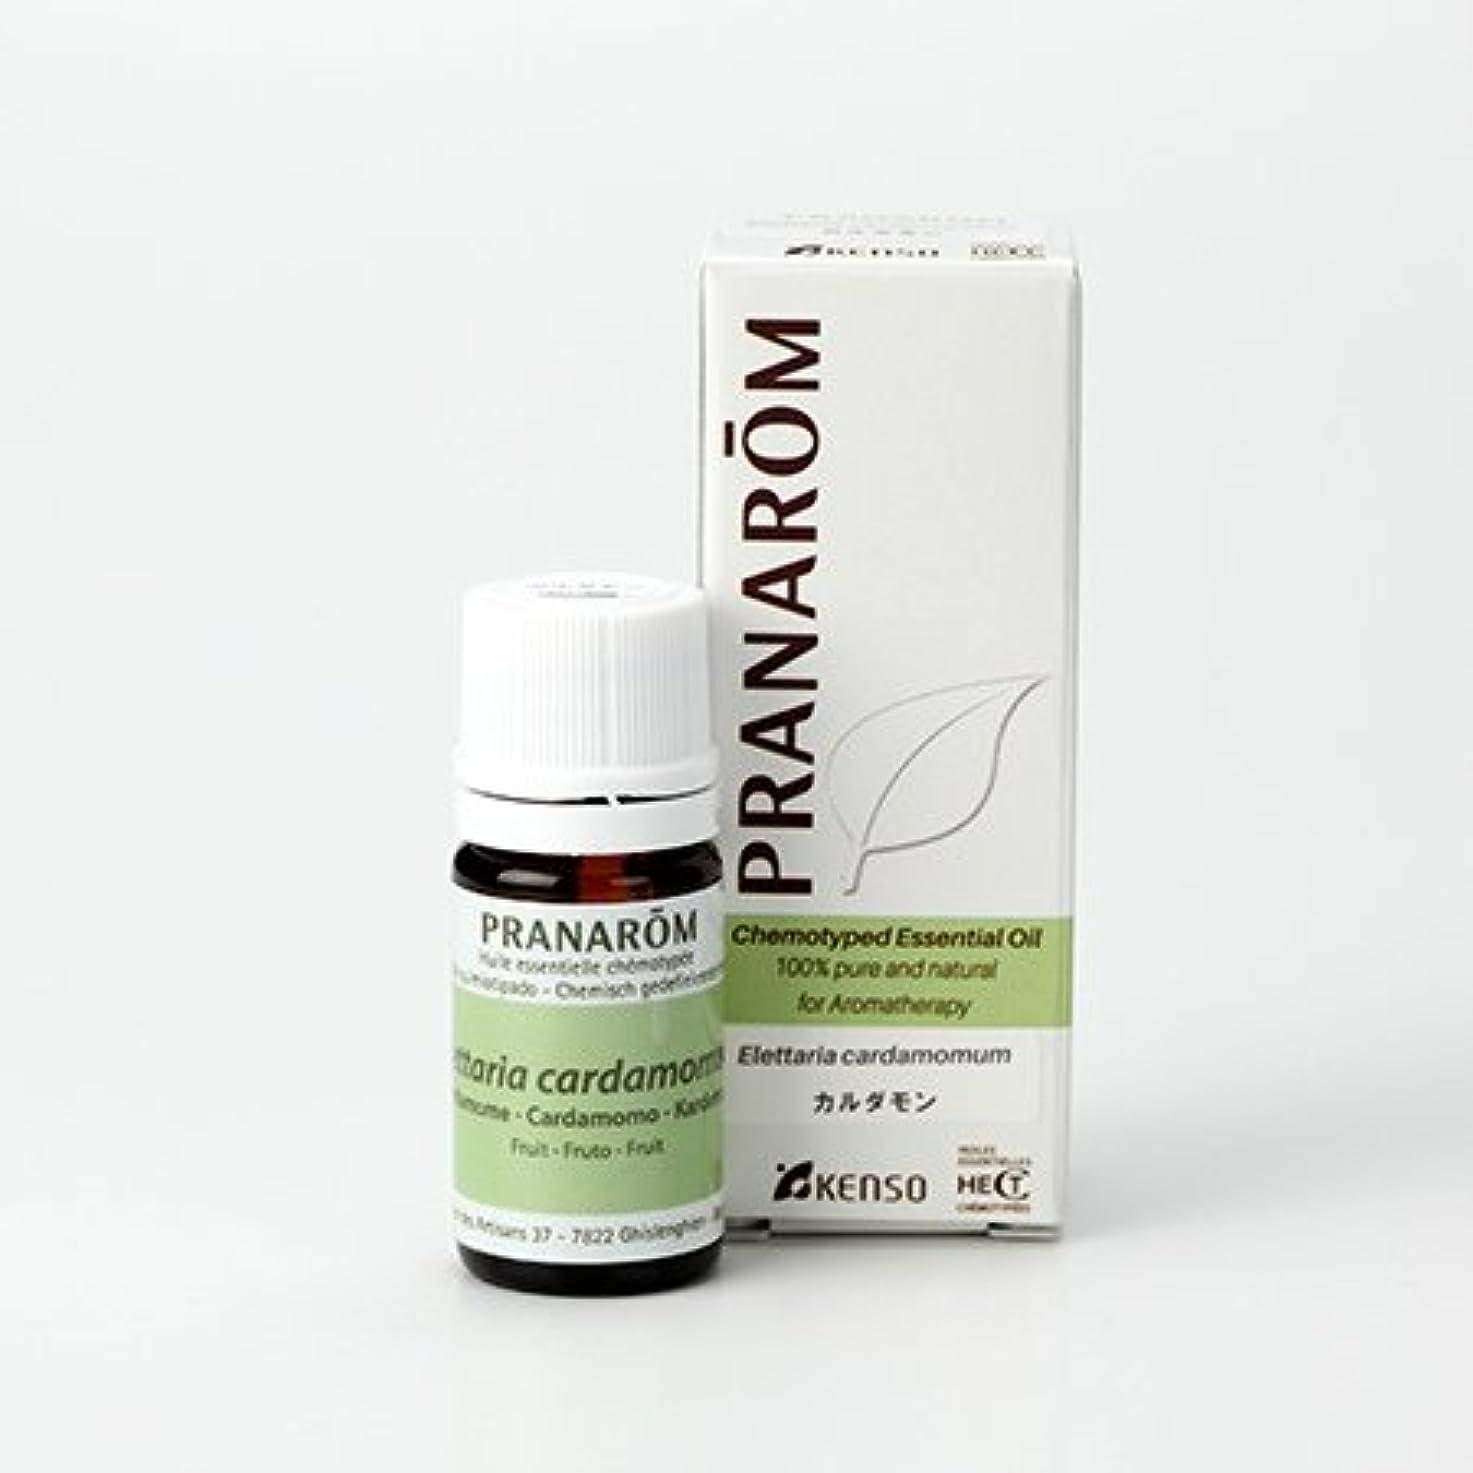 ブラザー必要性経験プラナロム カルダモン 5ml (PRANAROM ケモタイプ精油)